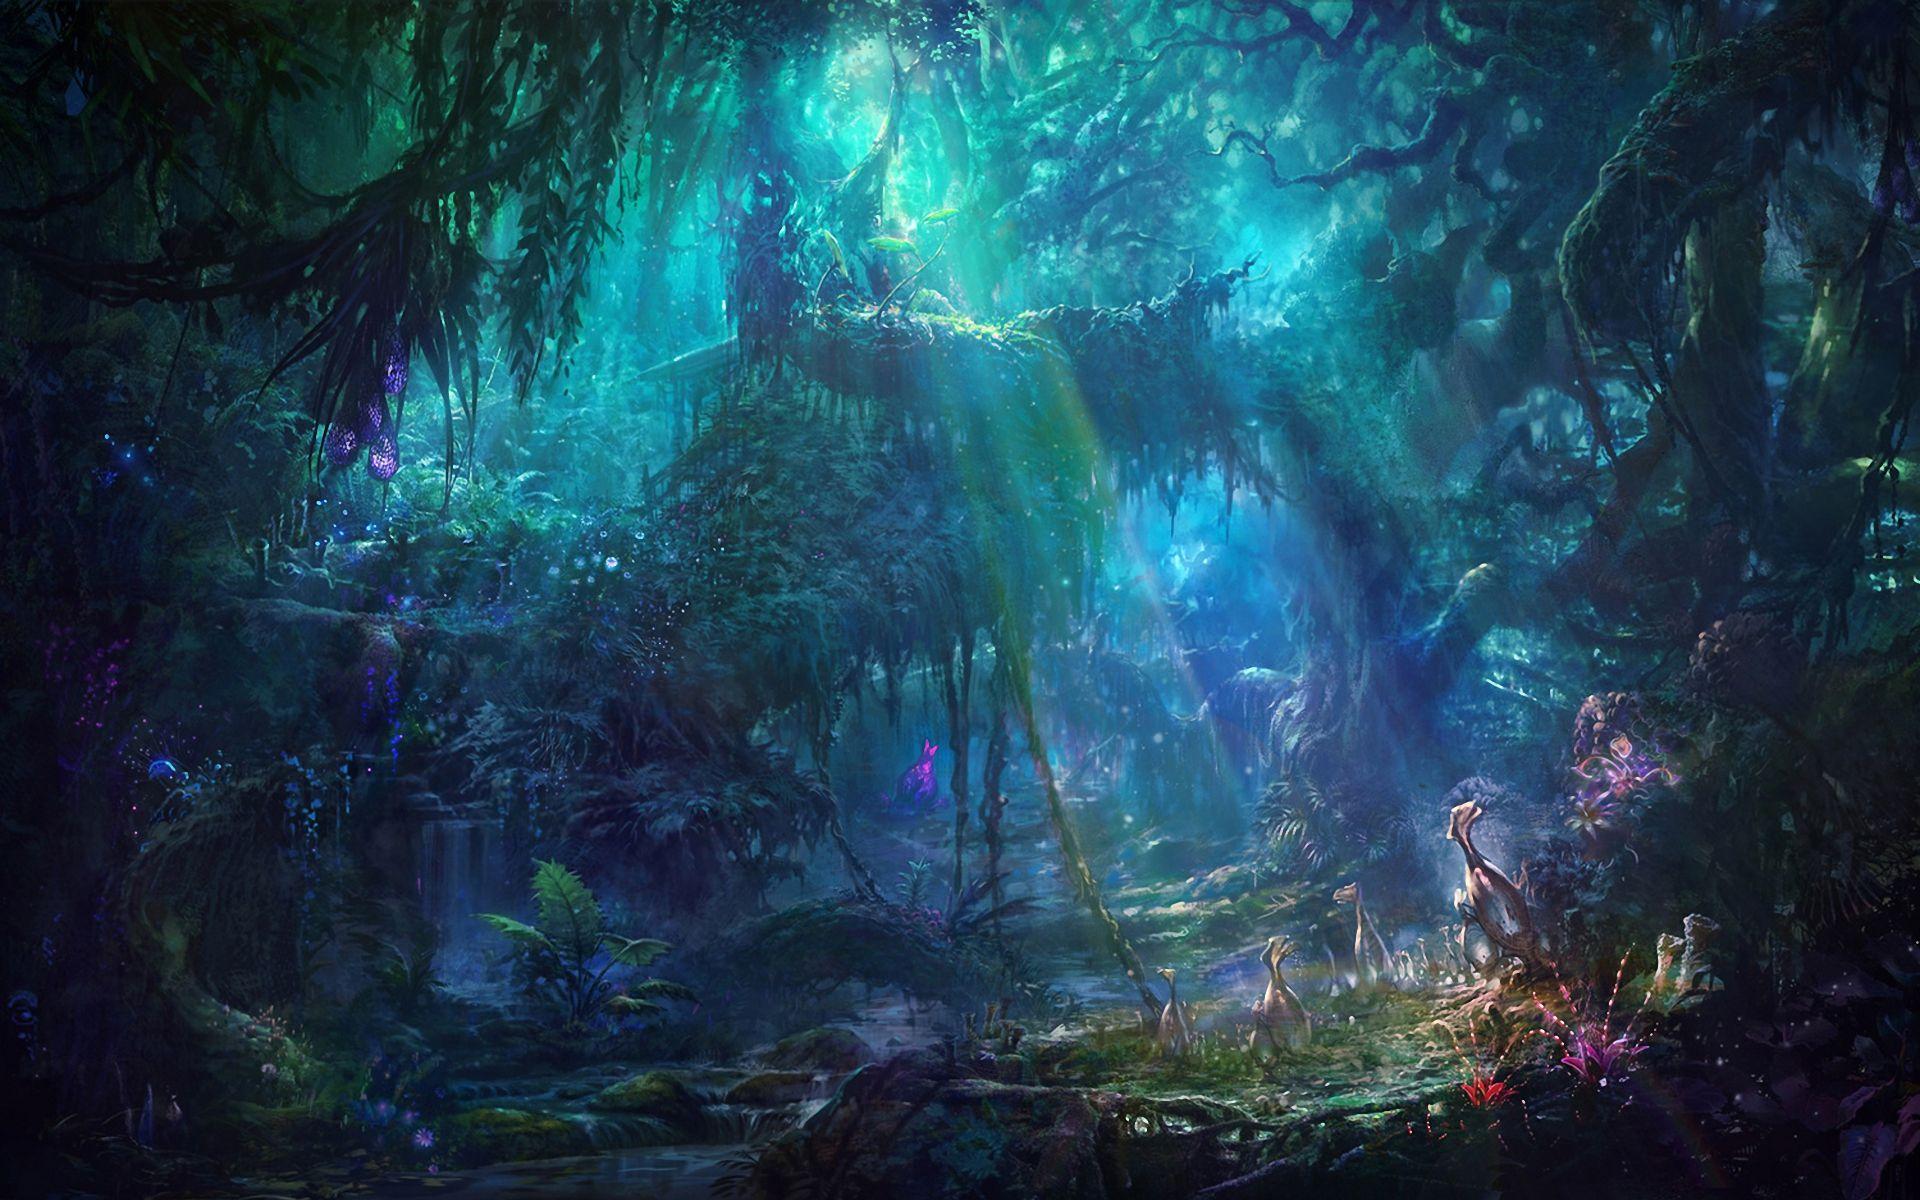 Dark Fantasy Landscape Wallpaper